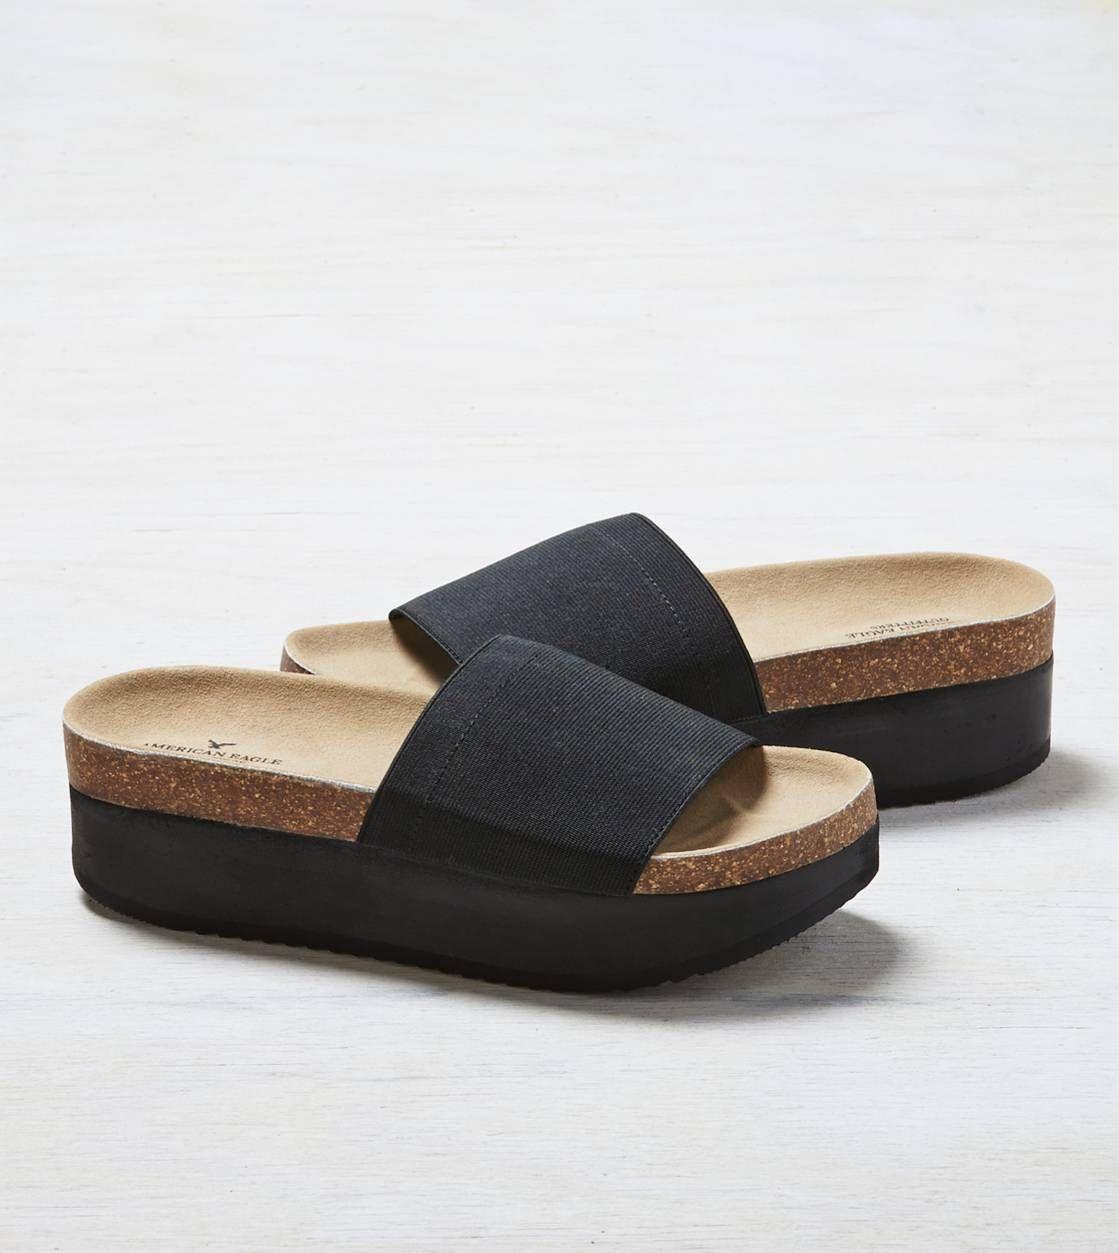 Aeo Platform Slide Sandal Shoes Sandals Shoes Slide